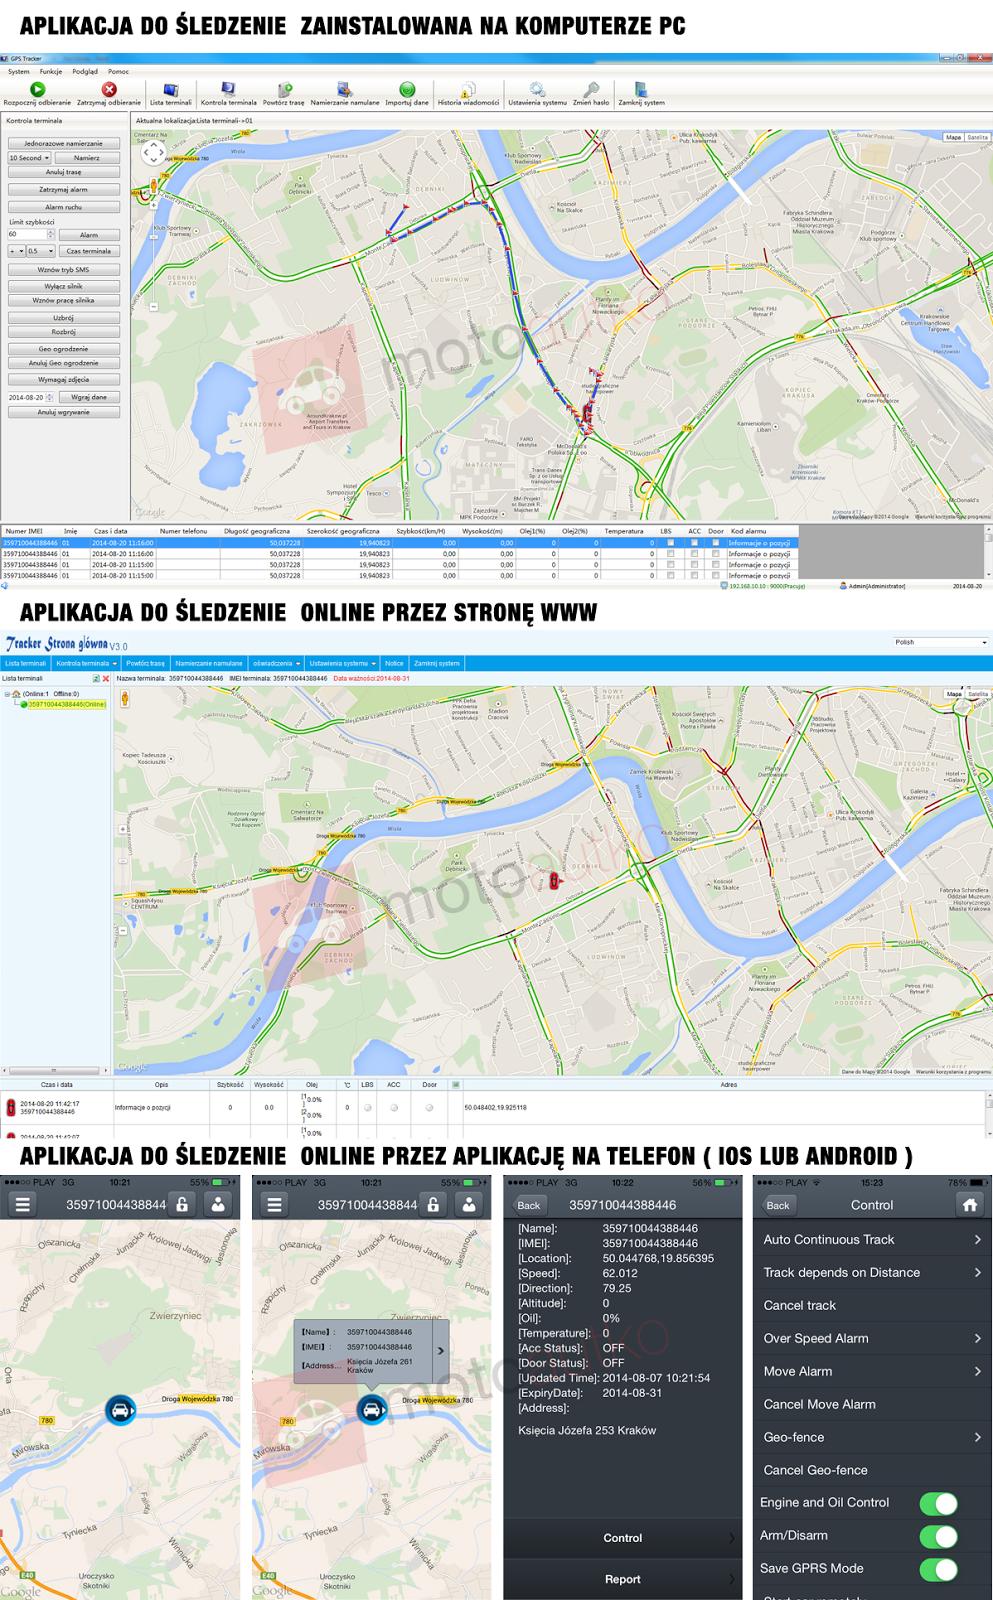 Widoki aplikacji do śledzenia trackerem GPS na różnych urządzeniach